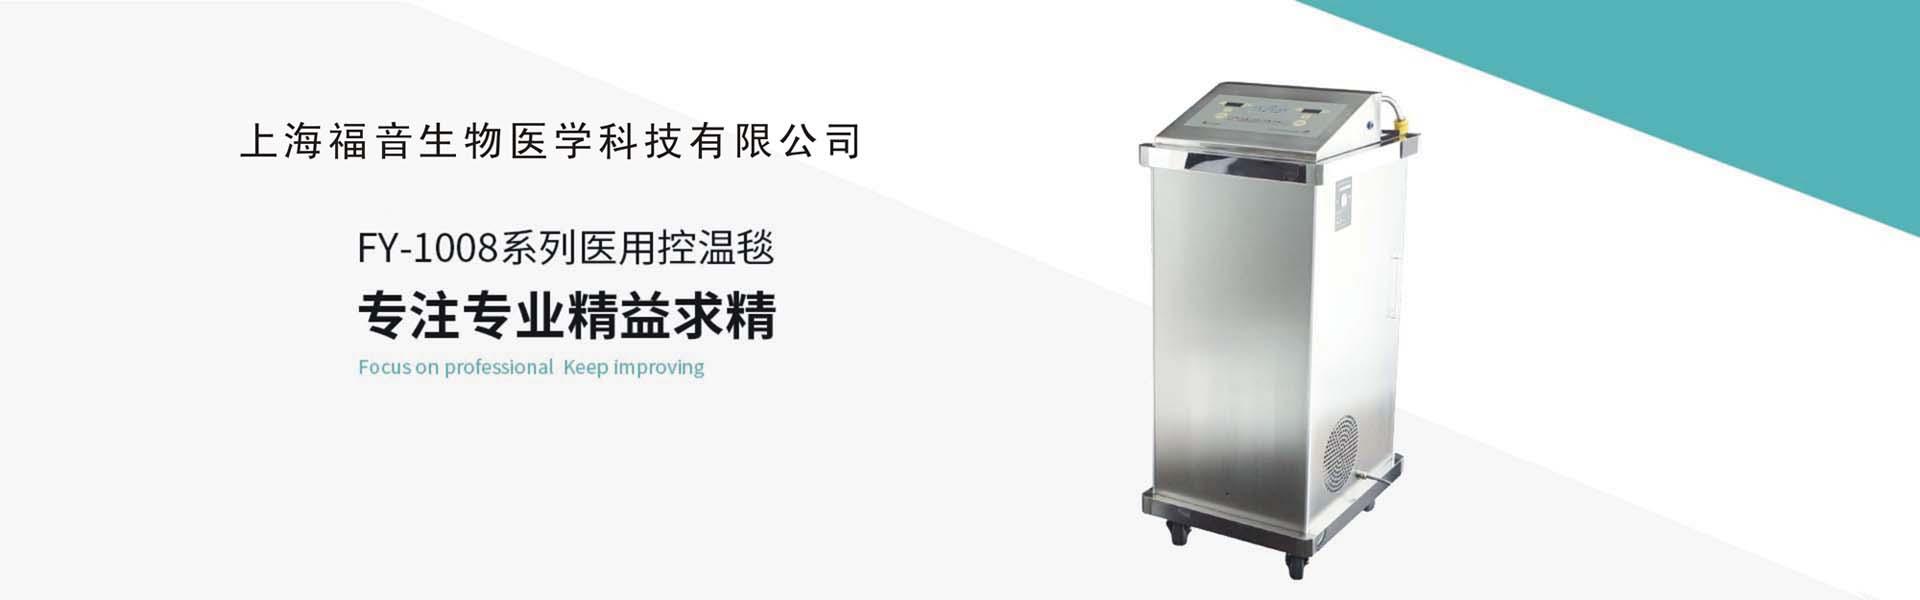 上海福音生物医学科技有限公司